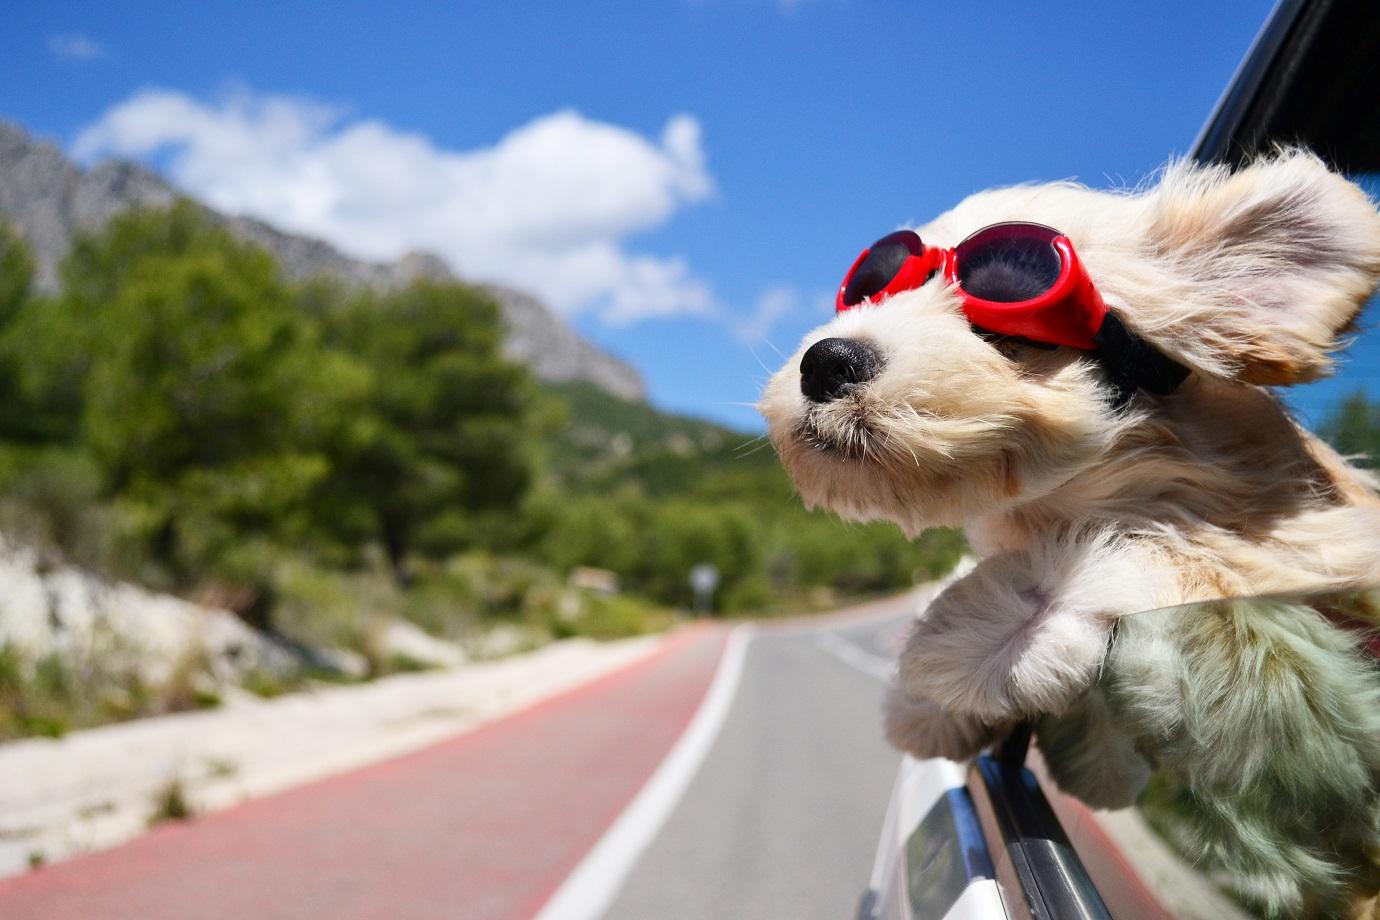 【夏の日帰り旅・サイクリングなど】3密回避の夏旅企画案募集!『まっぷるトラベルガイド』 | SAGOJO(サゴジョー)